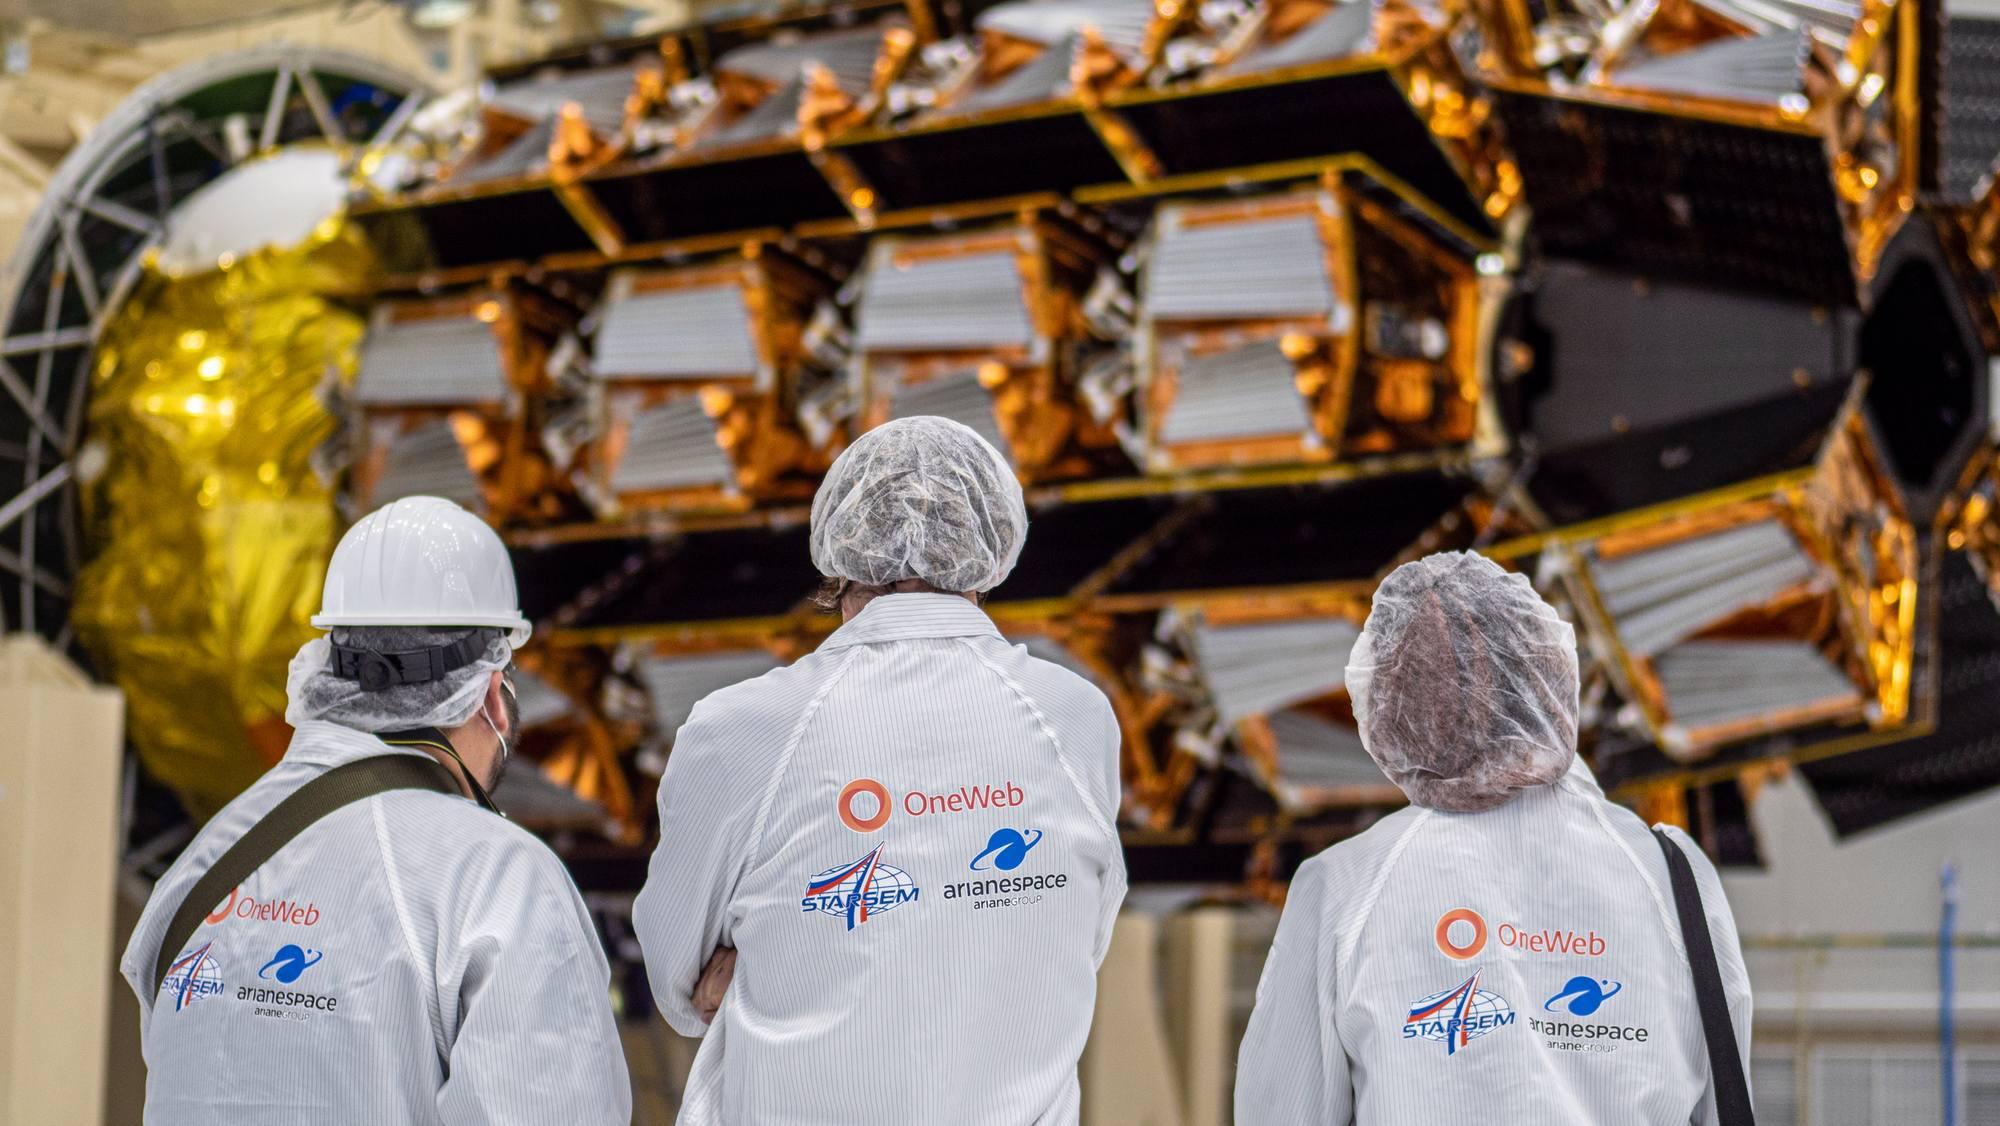 La grappe de satellites OneWeb accrochés à leur dispensaire.